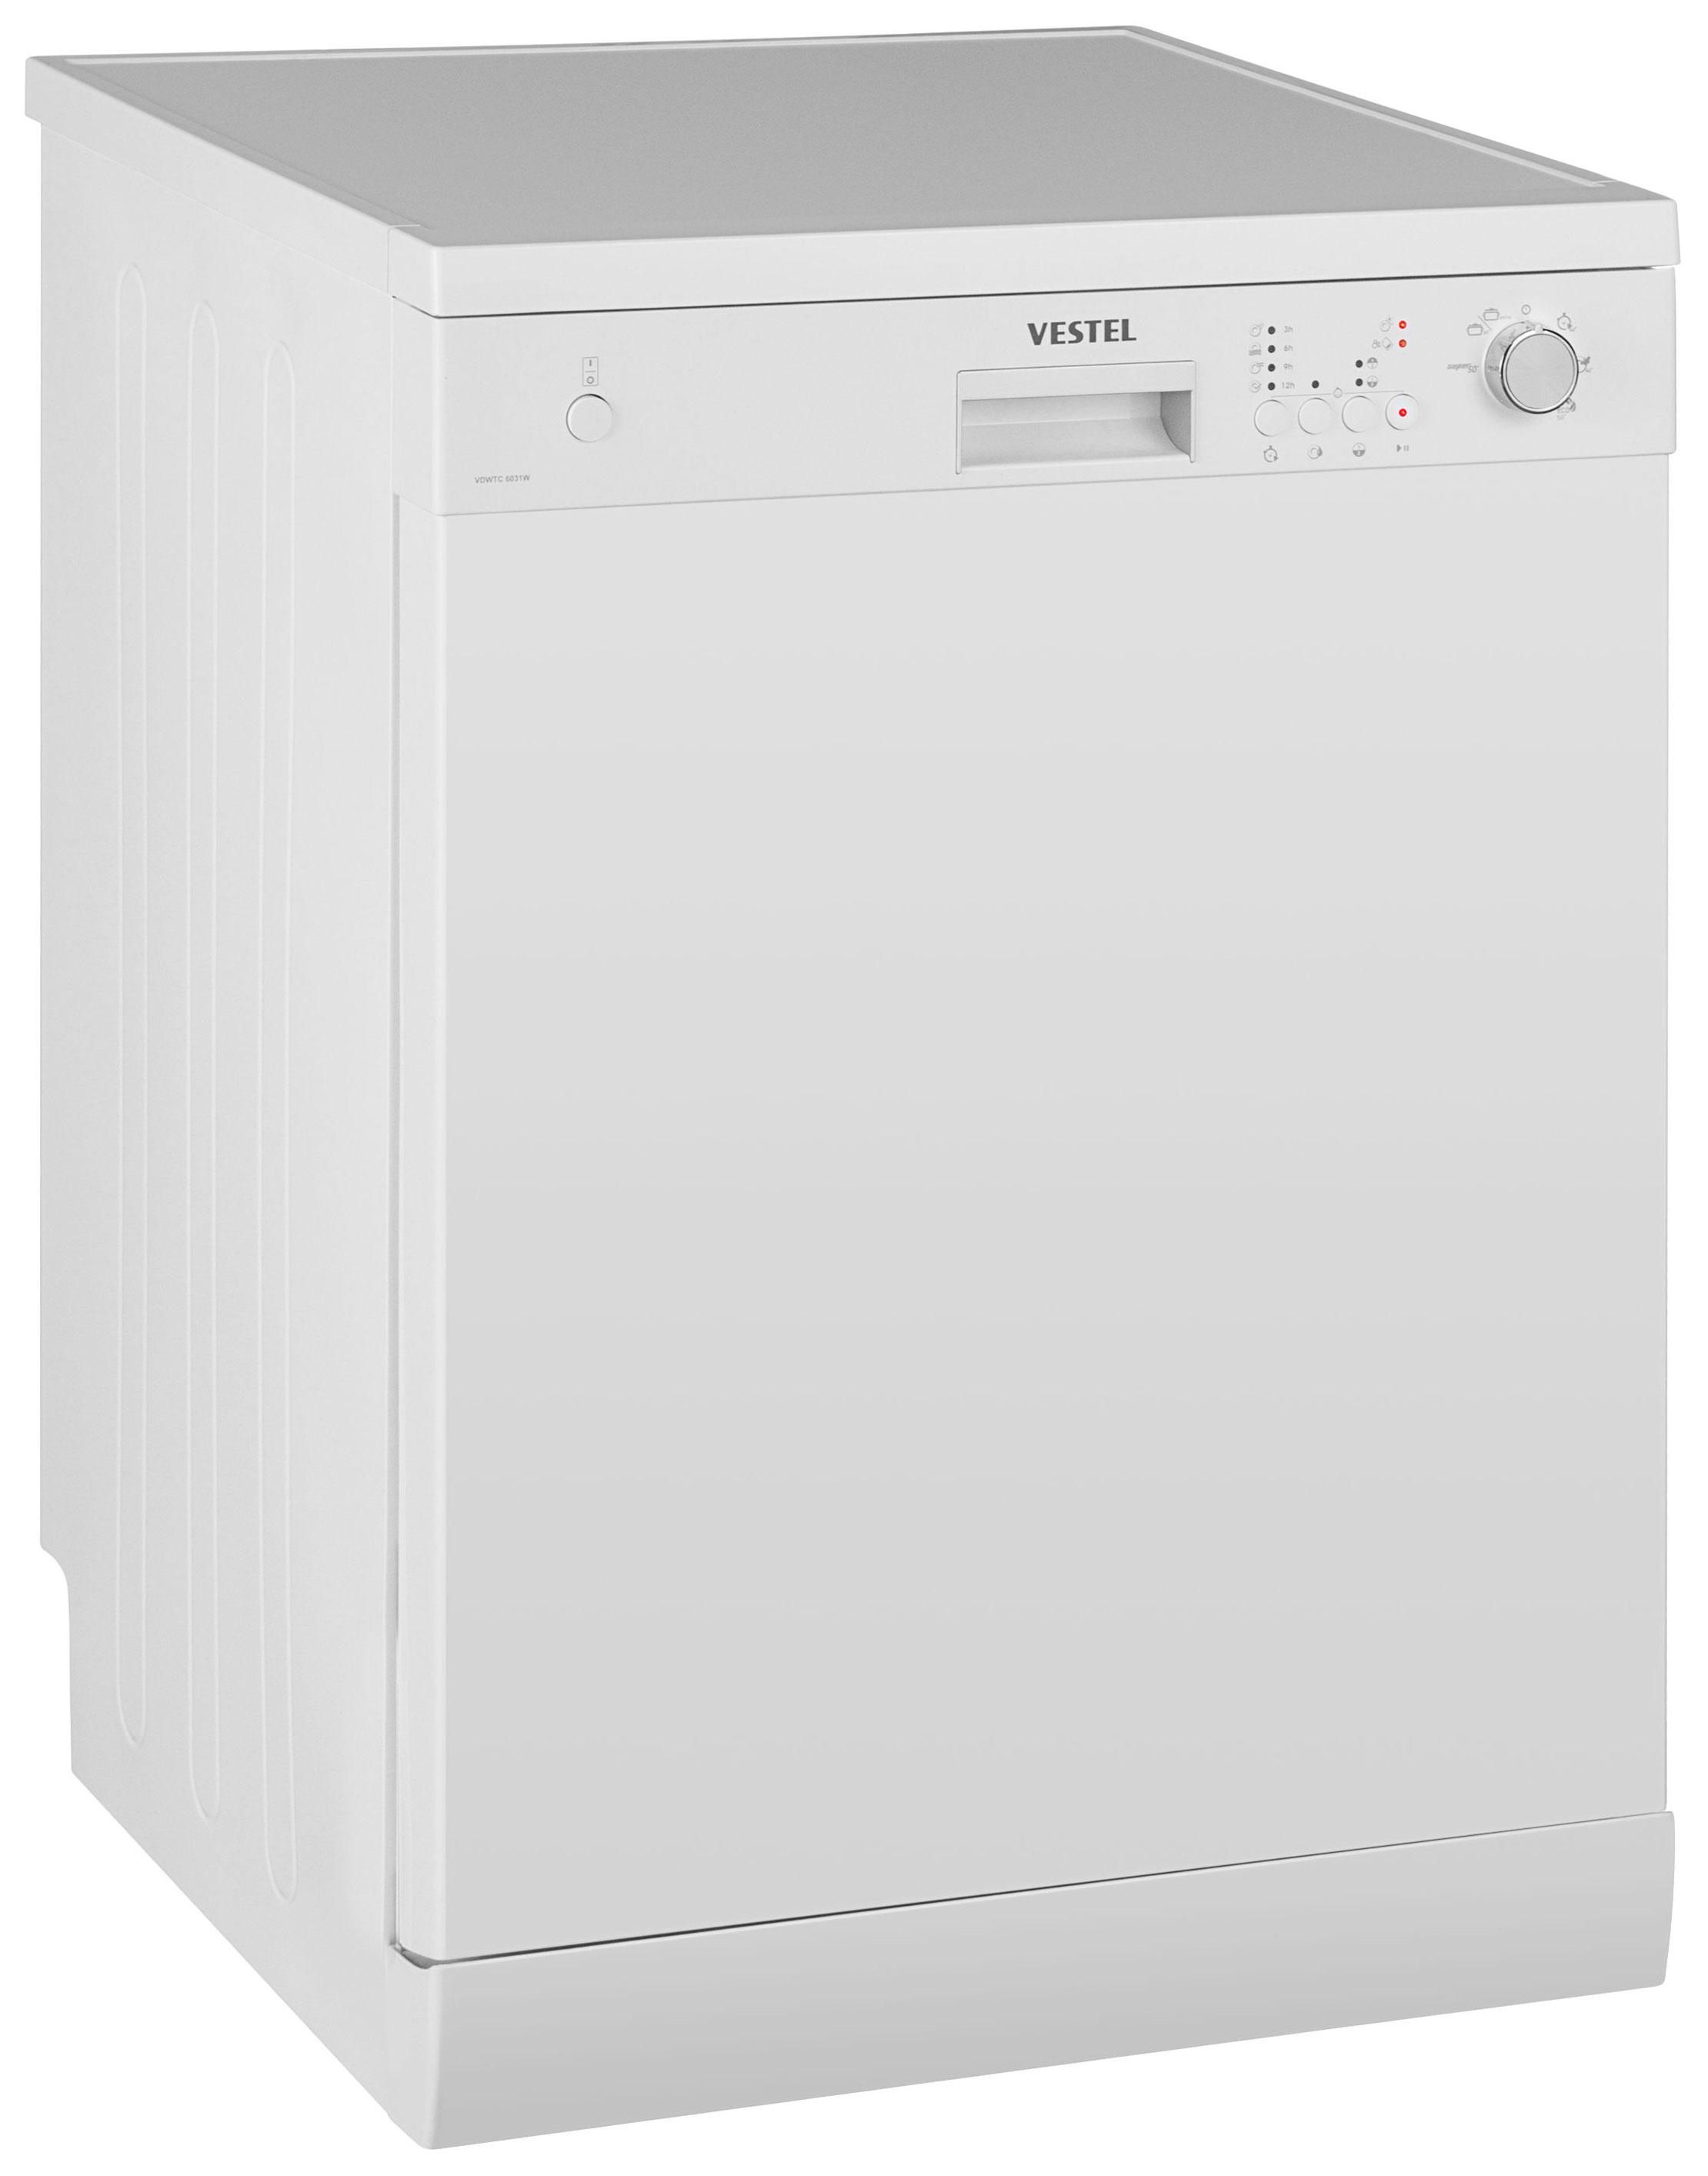 Посудомоечная машина 60 см Vestel VDWTC 6031W